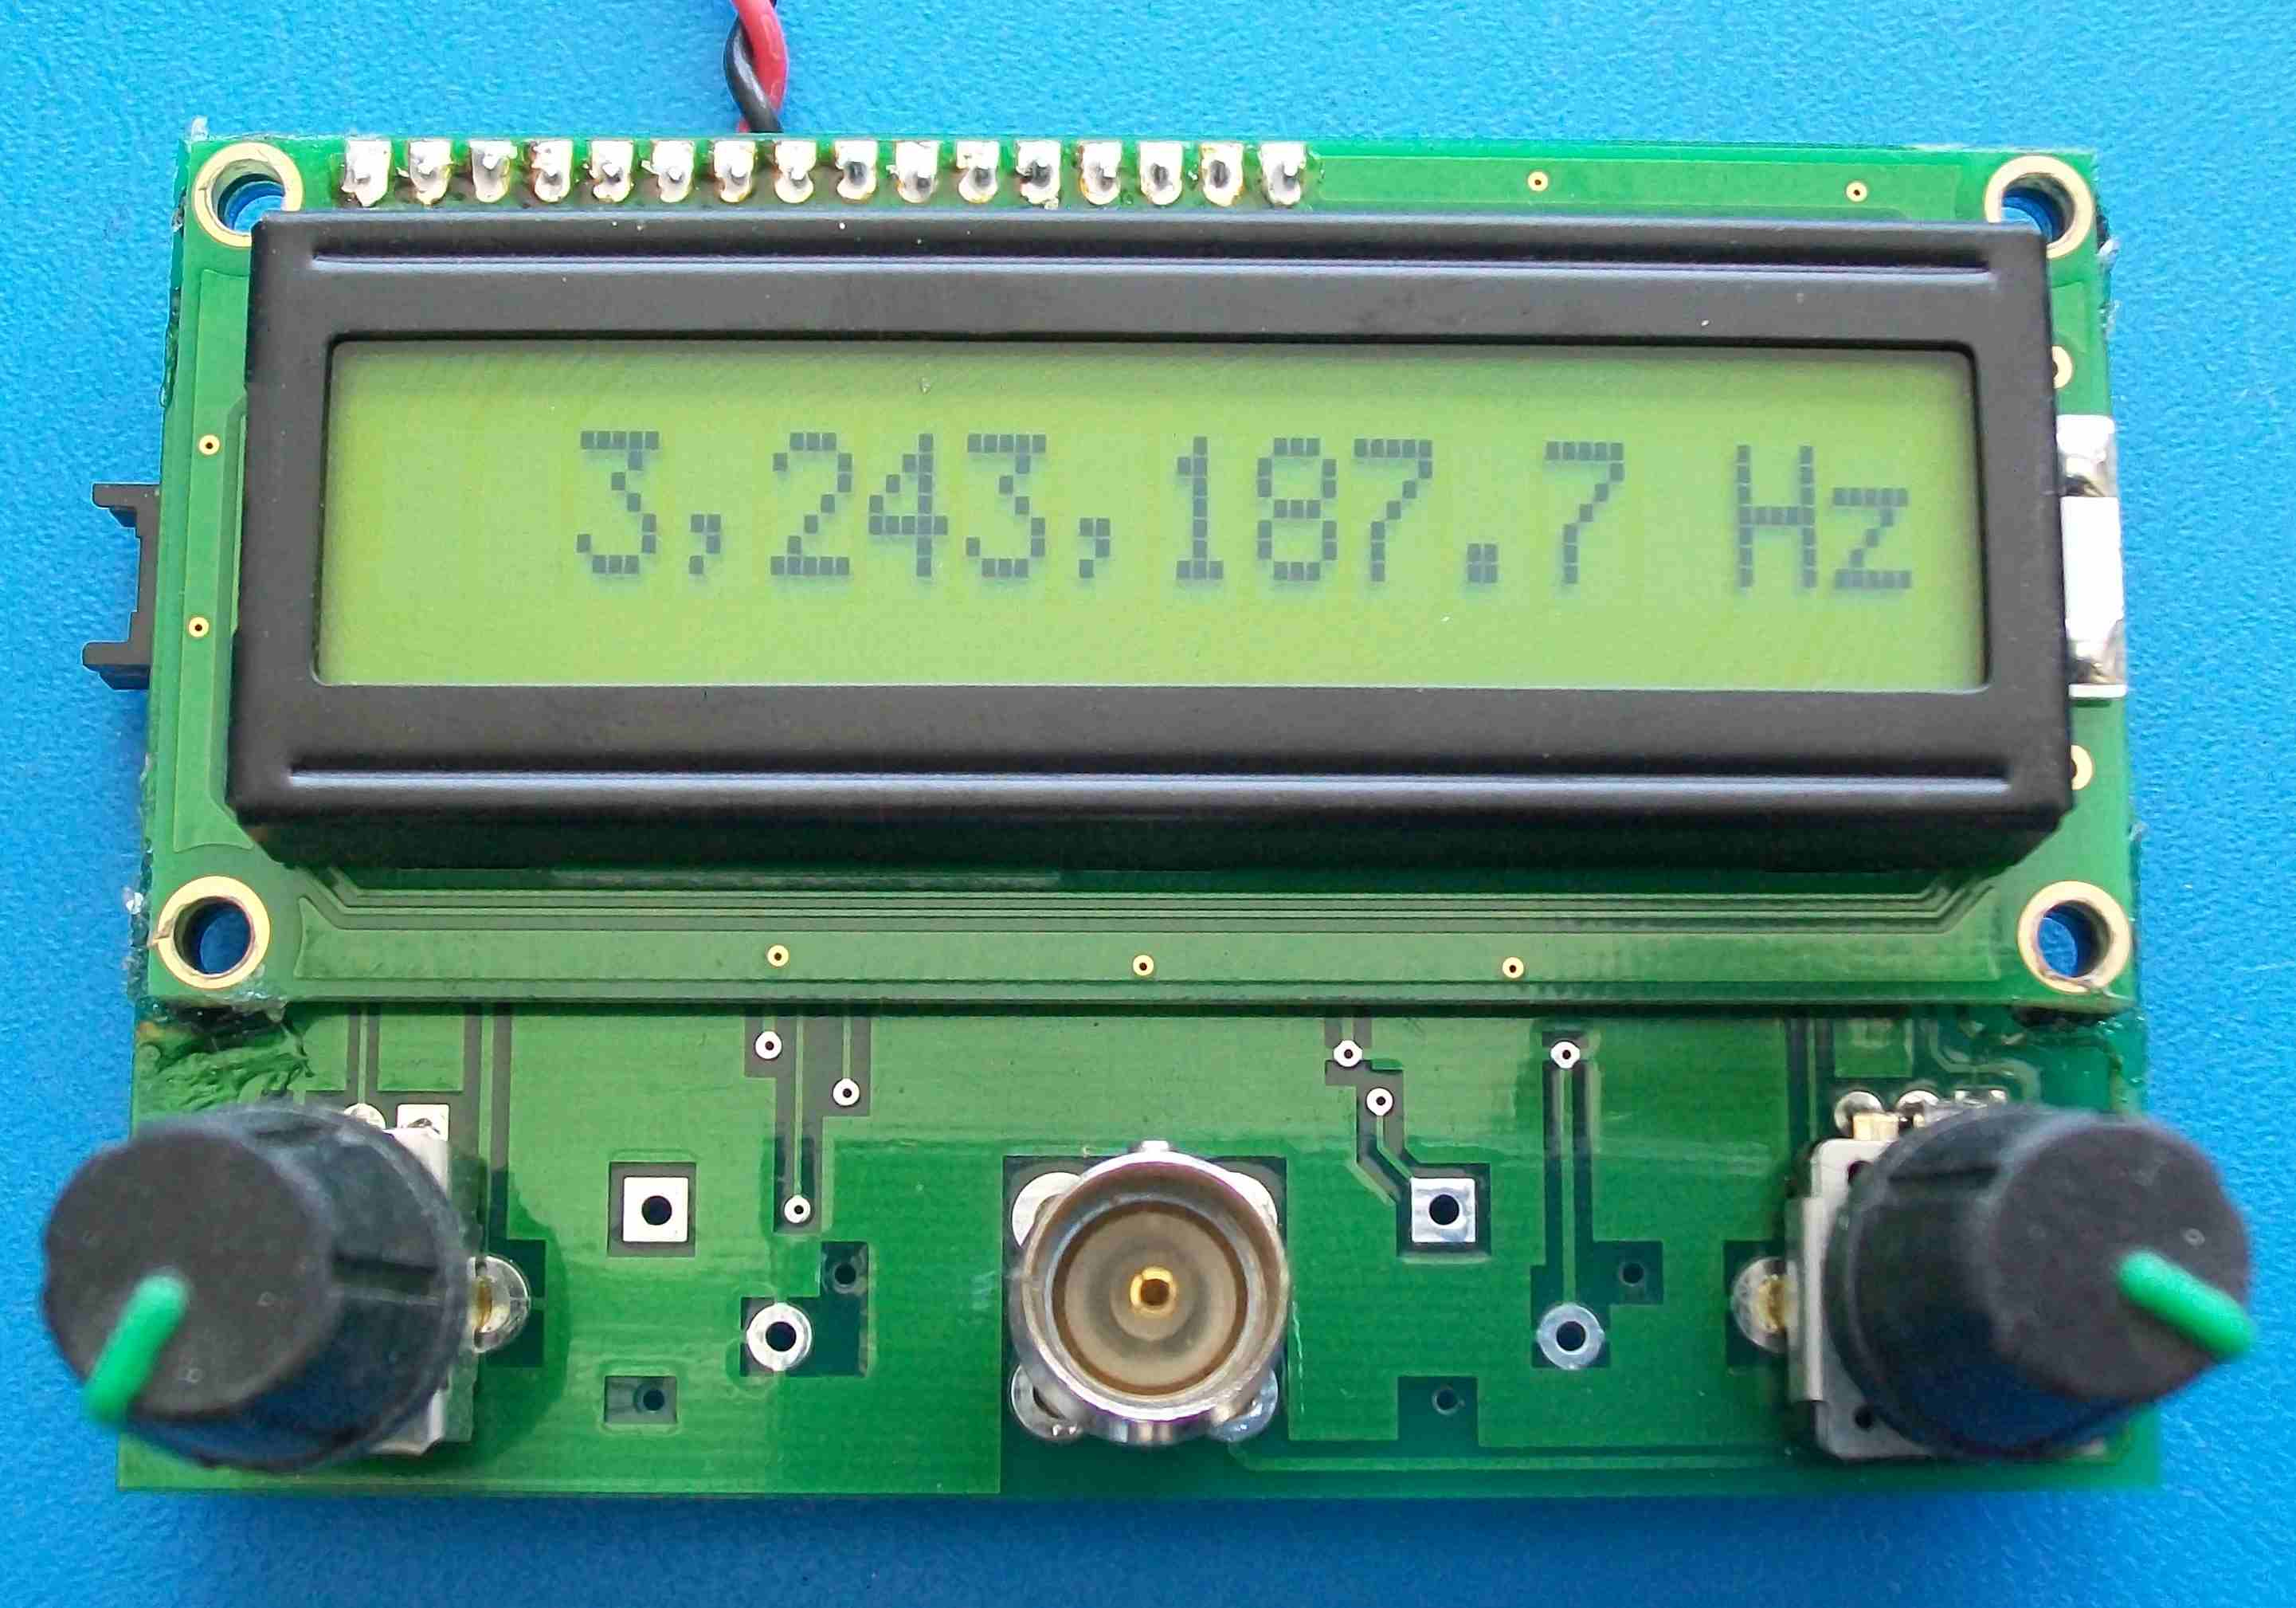 E1910 DDS Signal Generator | Locus Engineering Inc